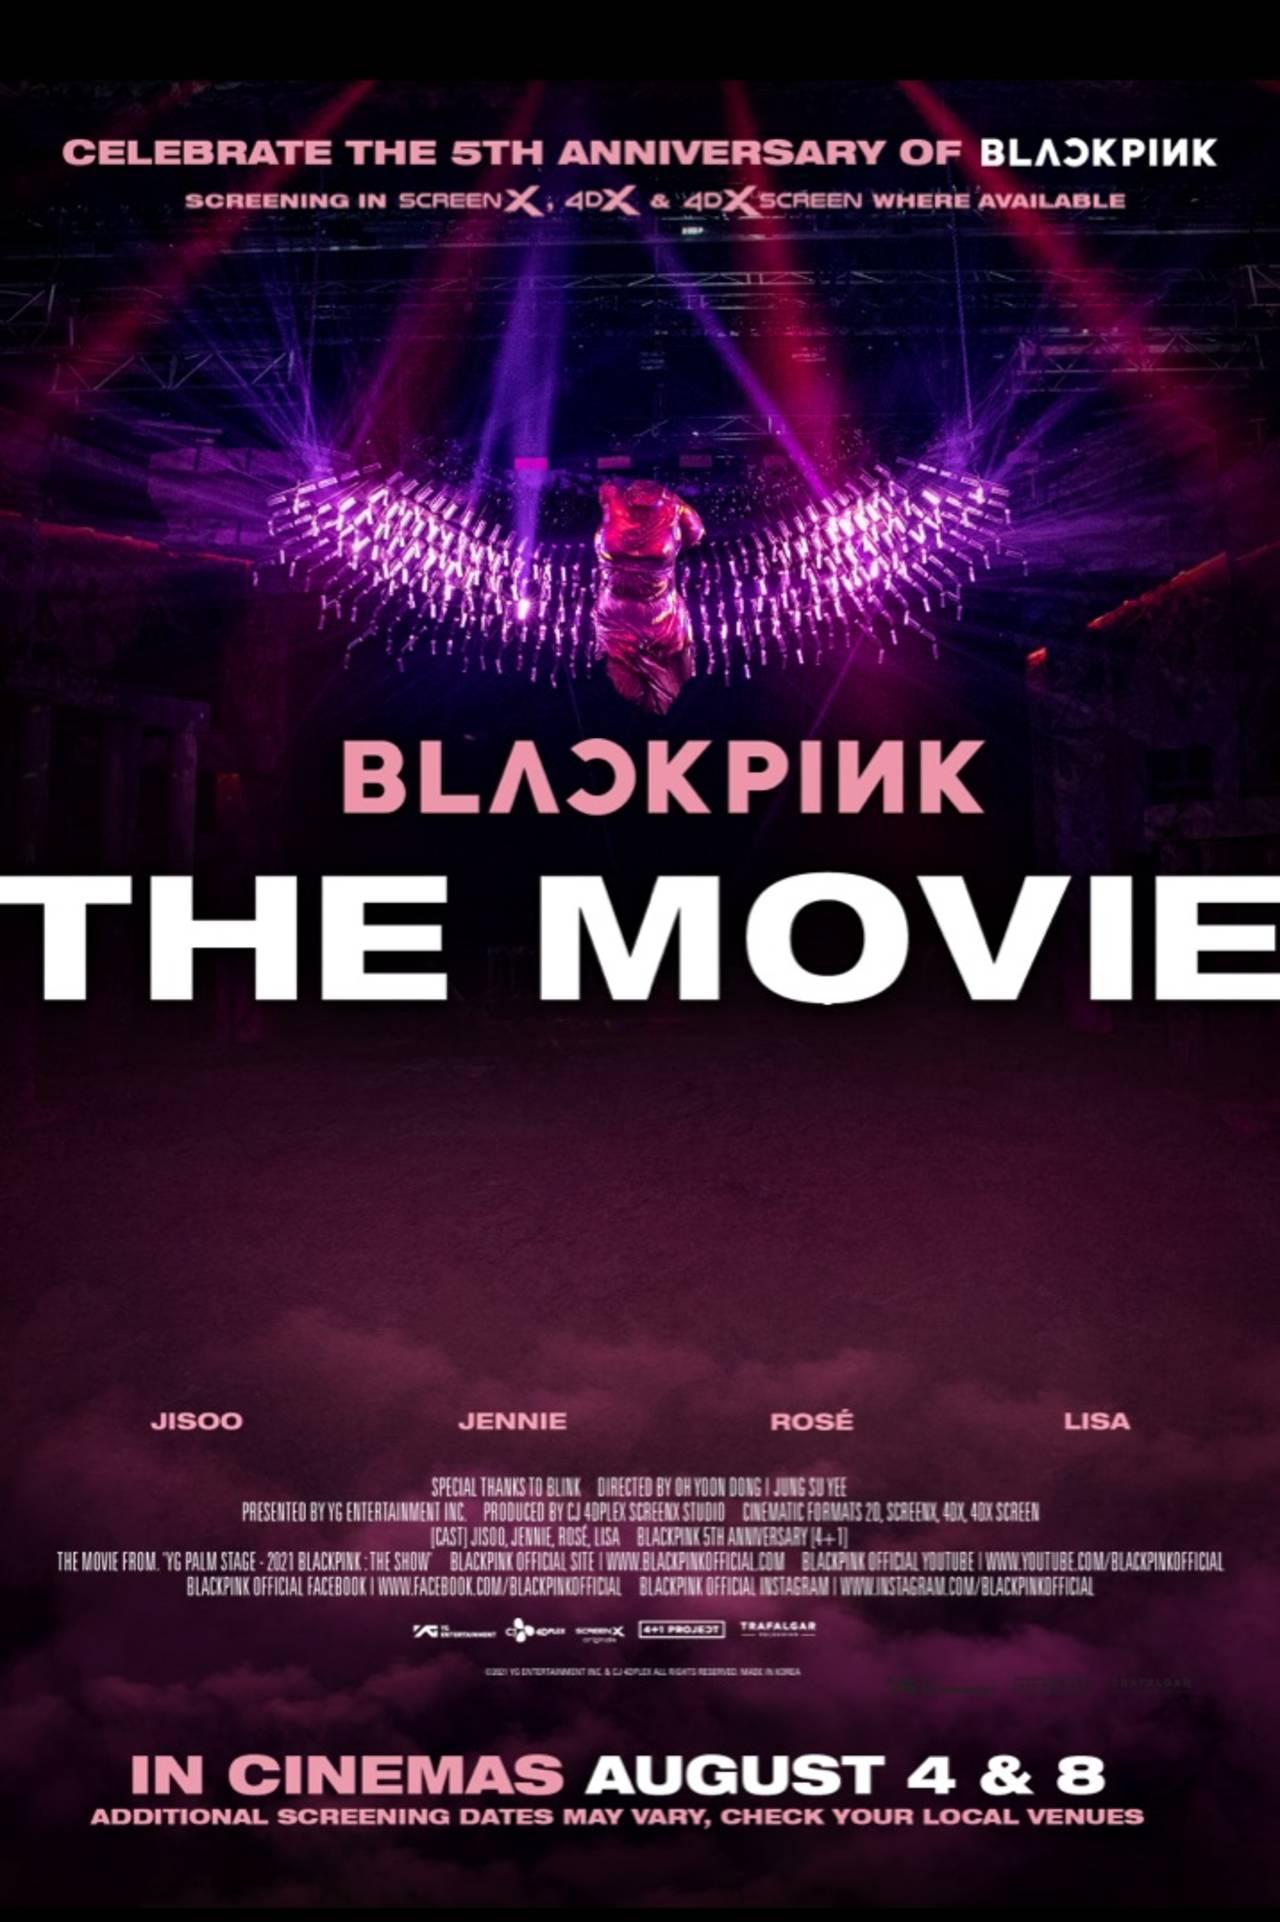 BLACKPINK The Movie lanza la preventa de sus boletos en el cine